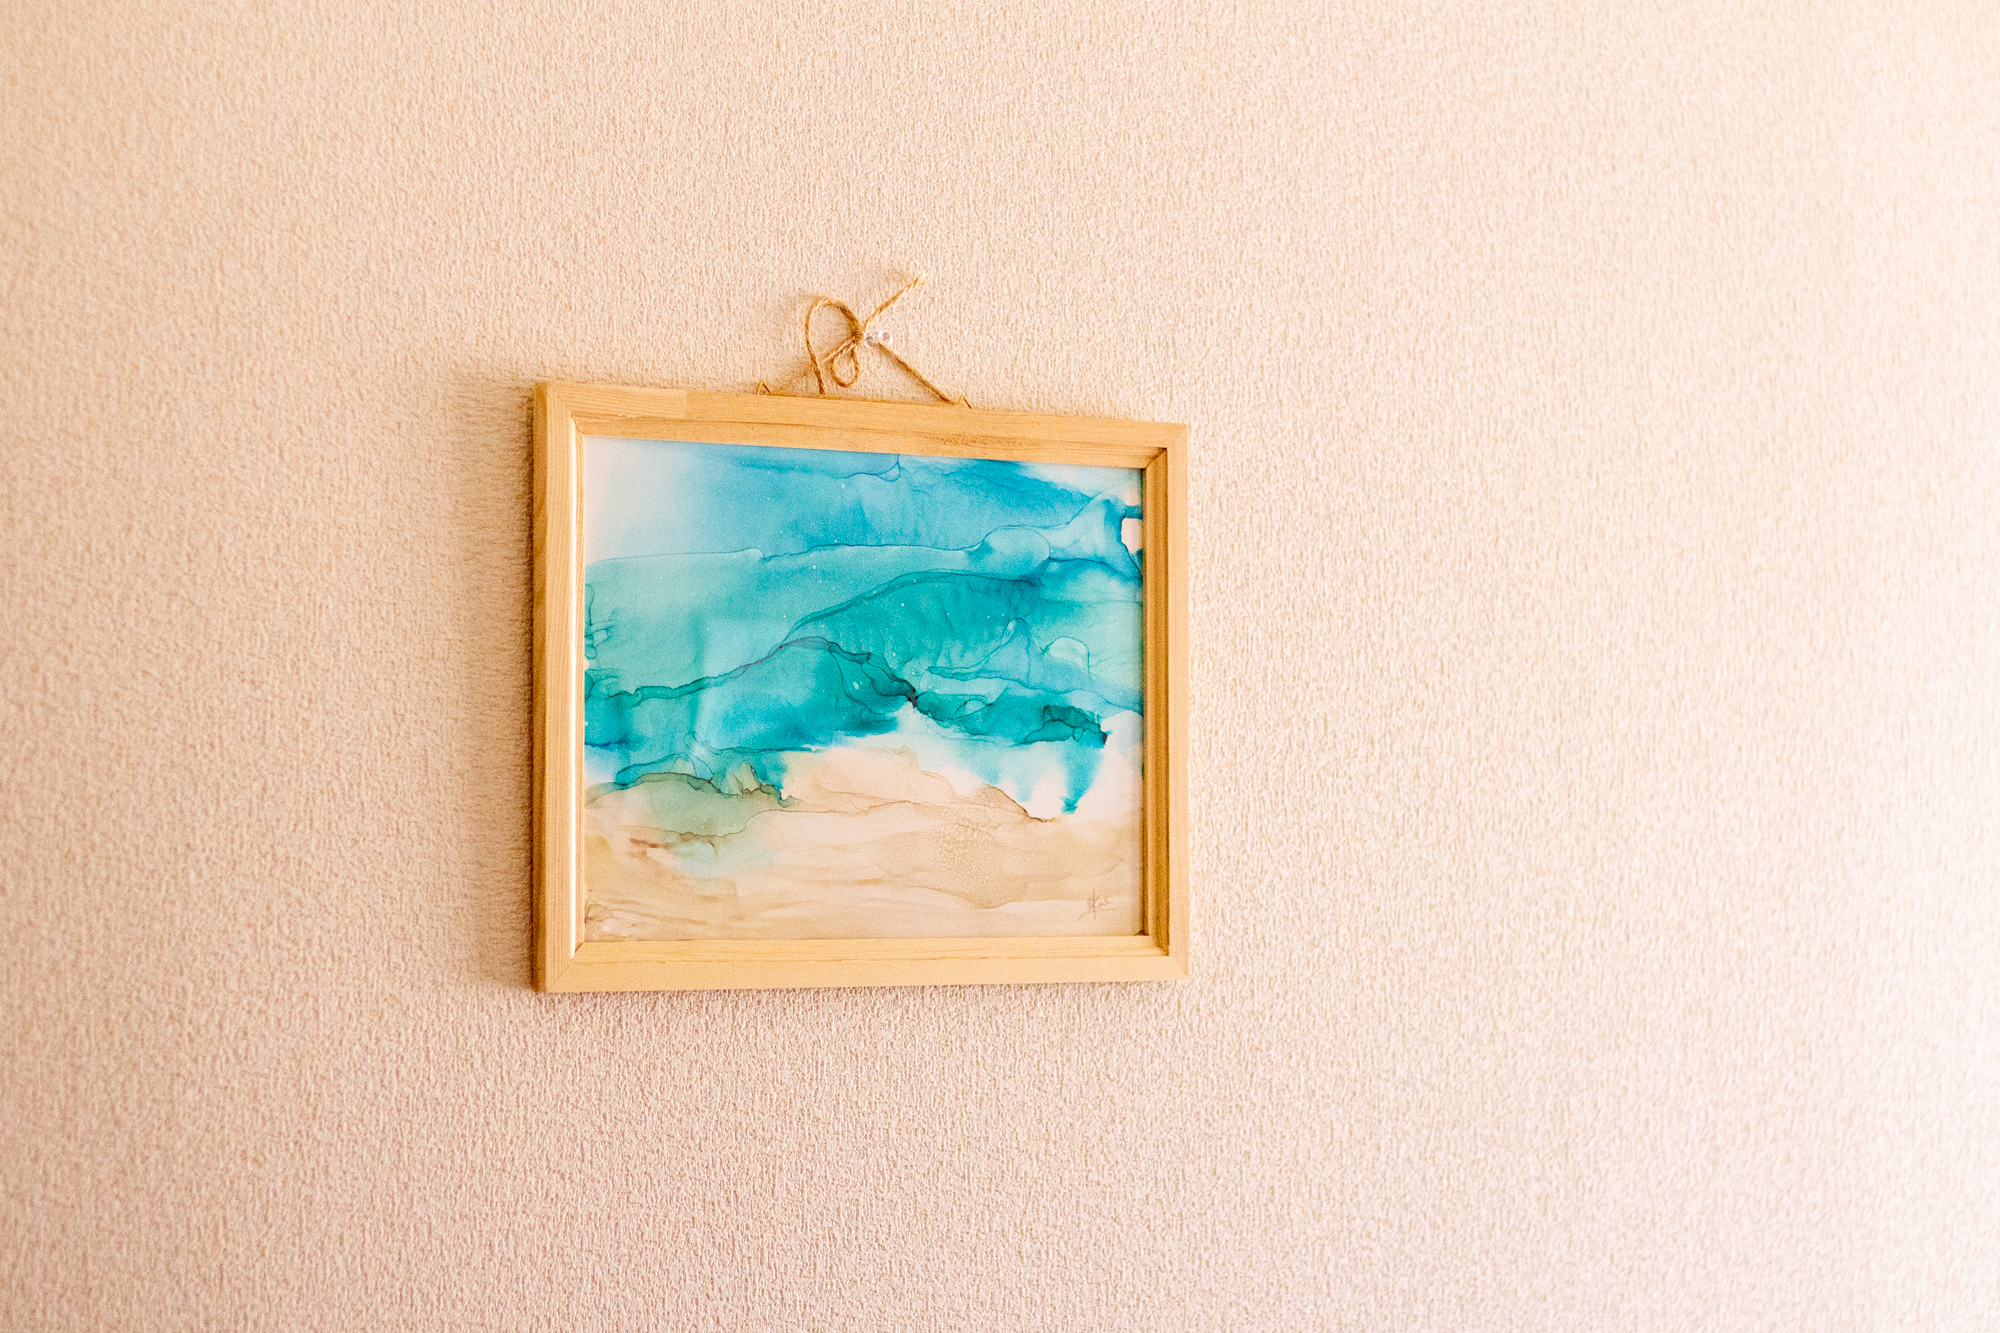 アルコールインクアート021『海風-Sea Breeze-』